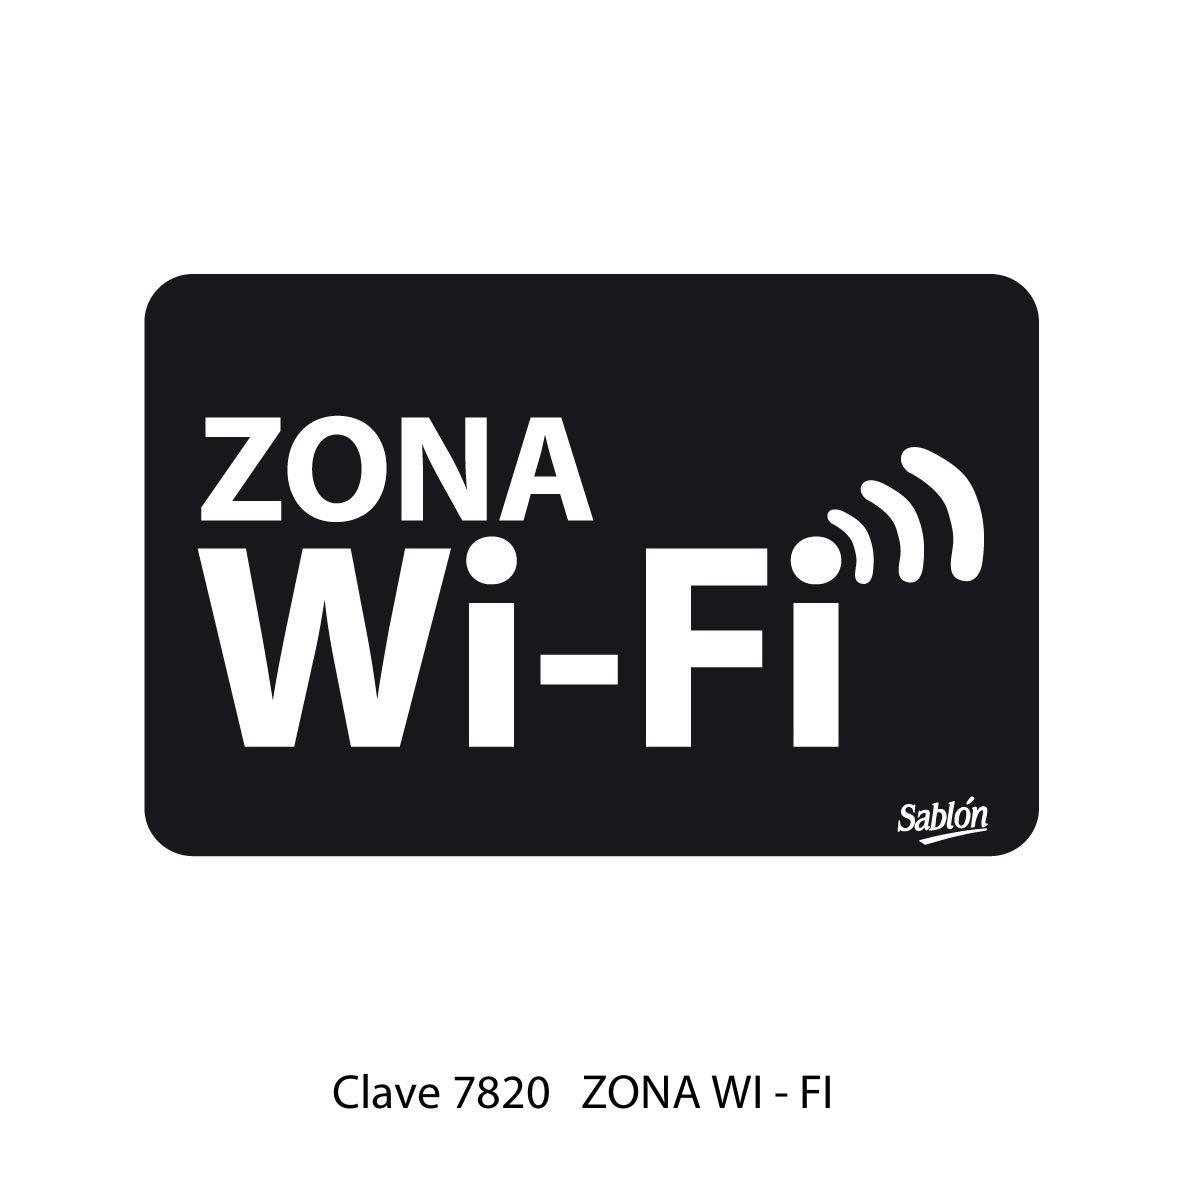 Señal Zona Wi Fi Modelo 7820 - Sablón